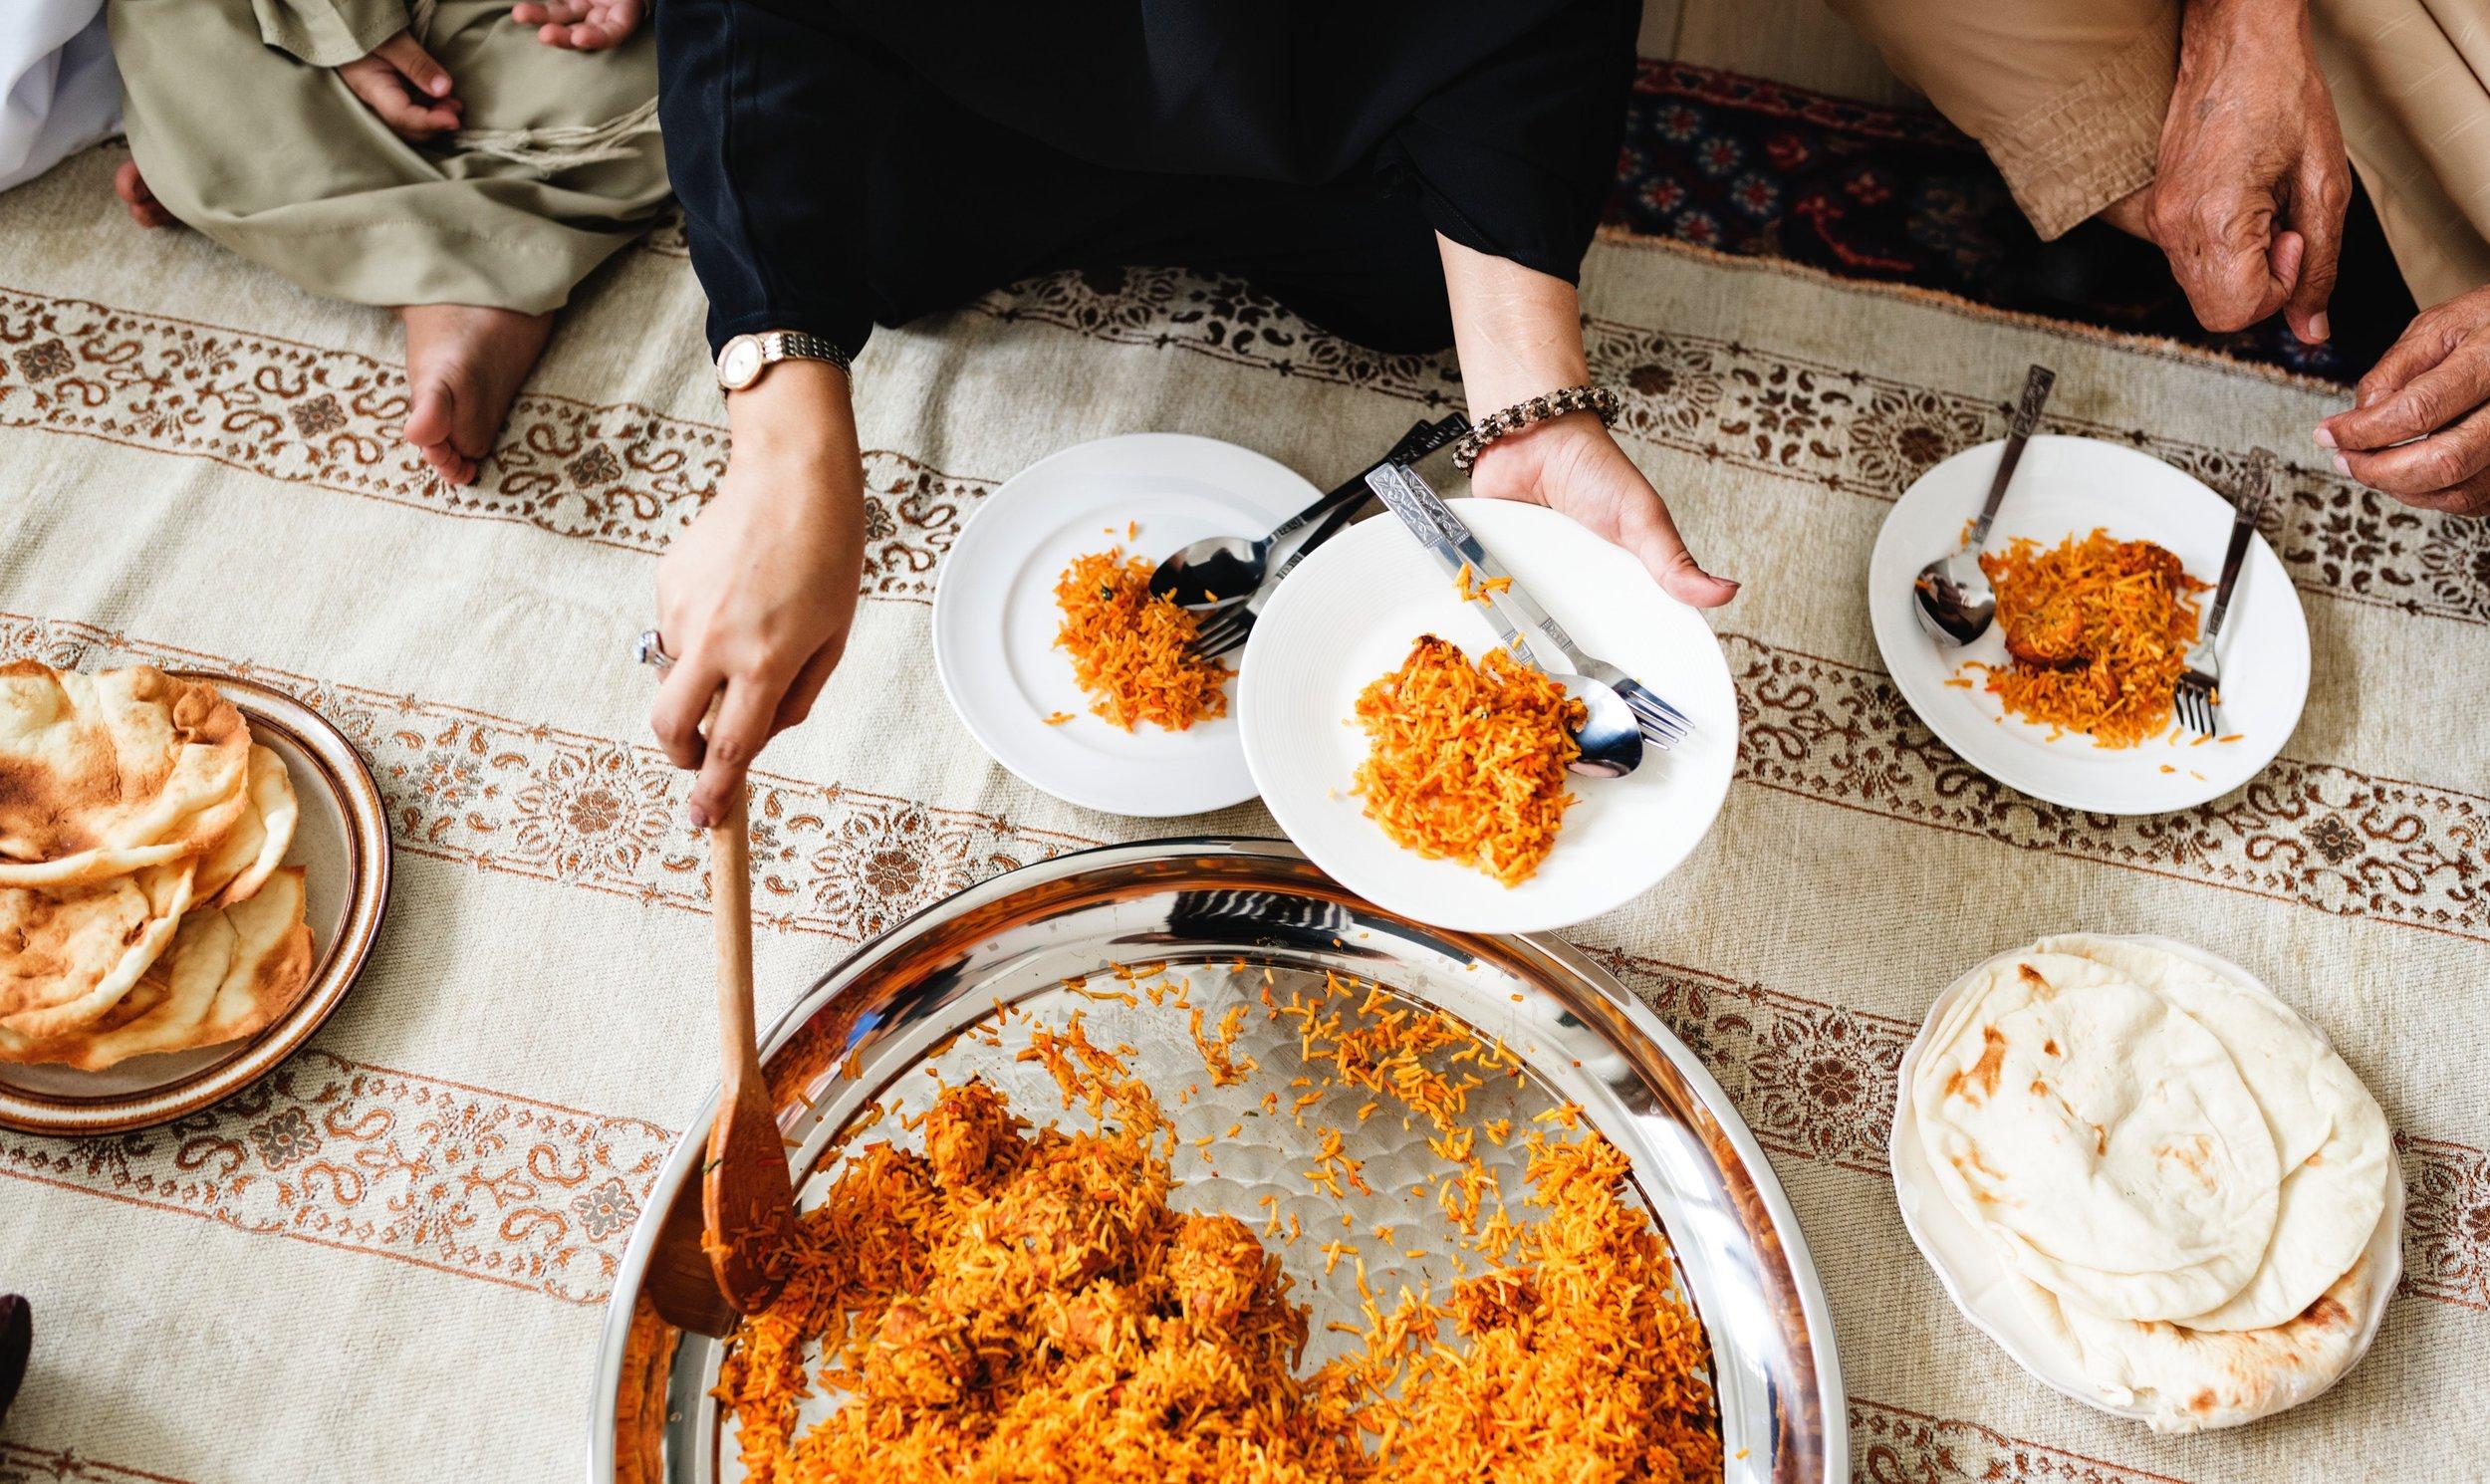 arabic-biryani-cuisine-1161468.jpg